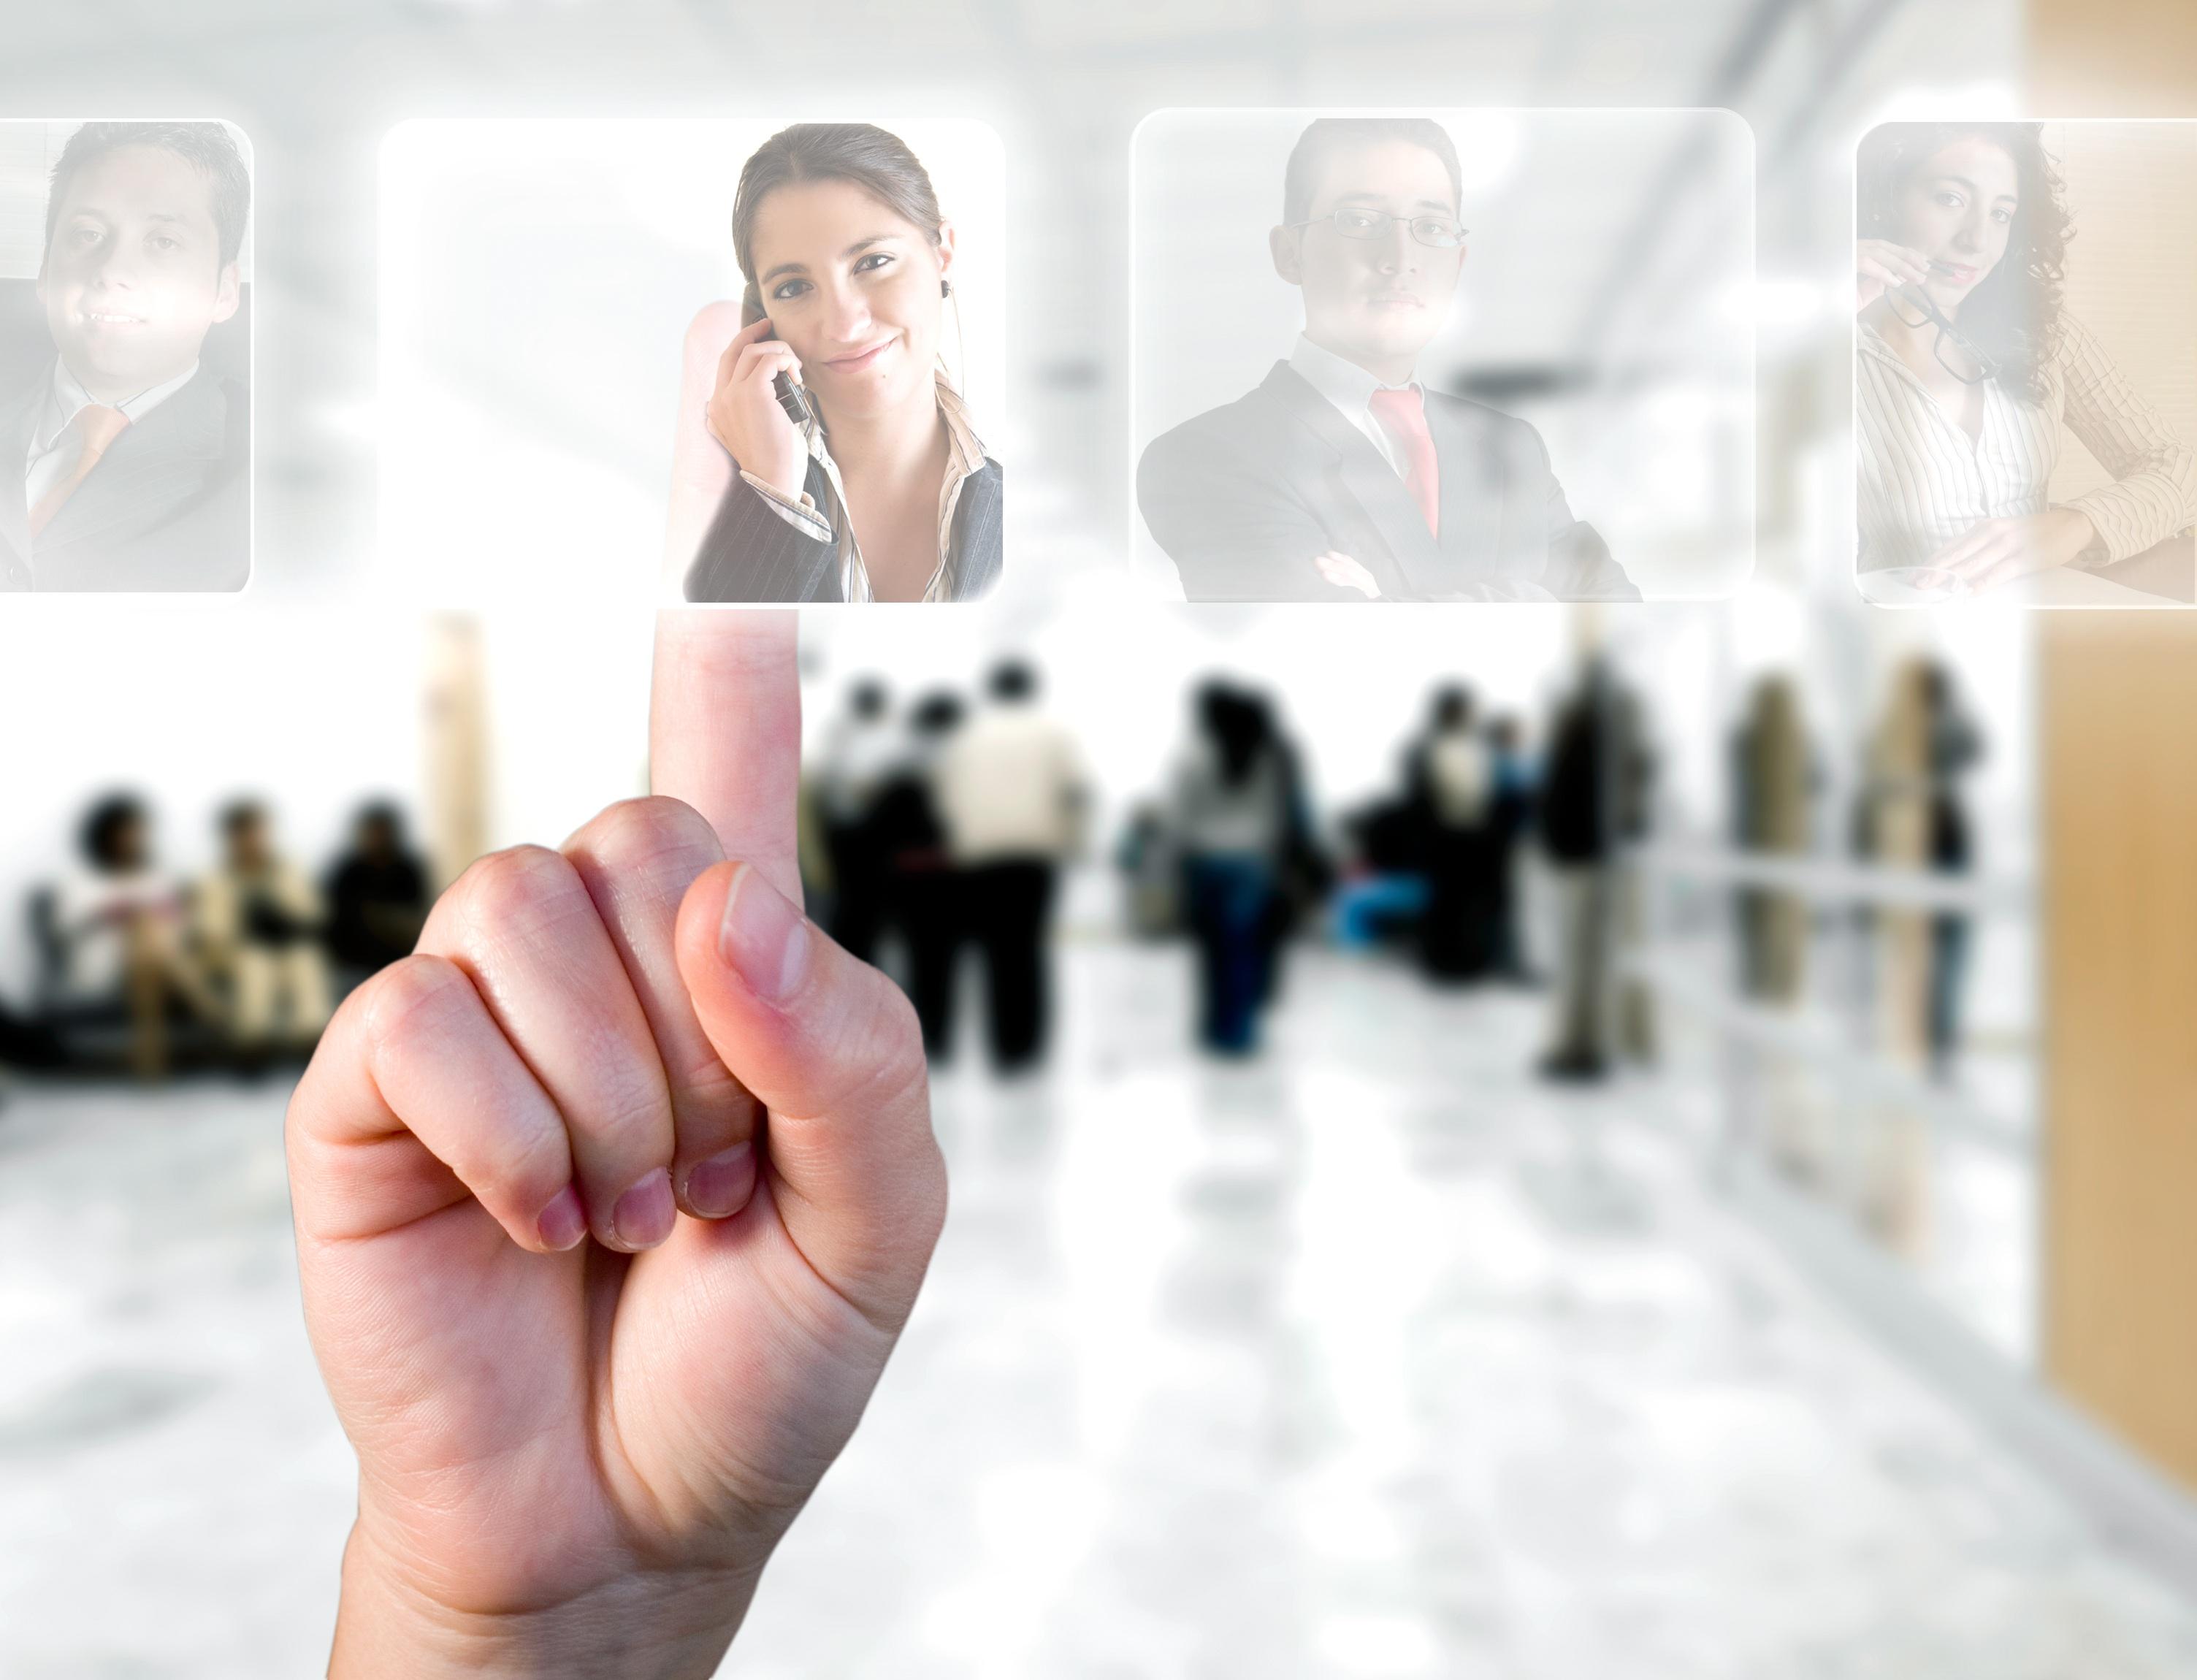 Ressourcen Management – überbewertet oder tatsächlich wichtig?